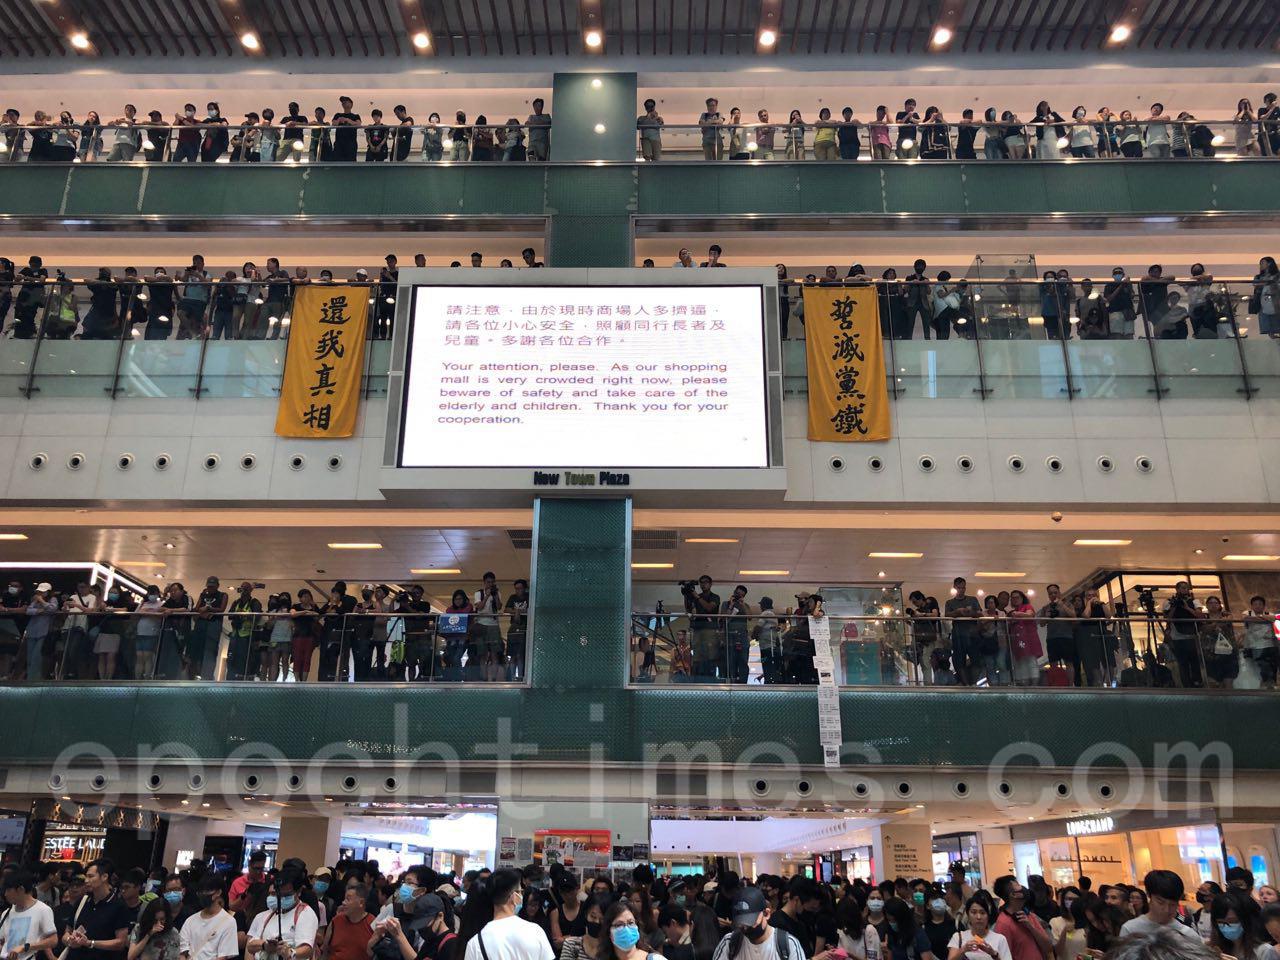 22日,在沙田新城市廣場發起了「和你shop」行動表達反送中的「五大訴求」。其間民眾發起抵制親共企業、商戶的行動。(黃依帆/大紀元)